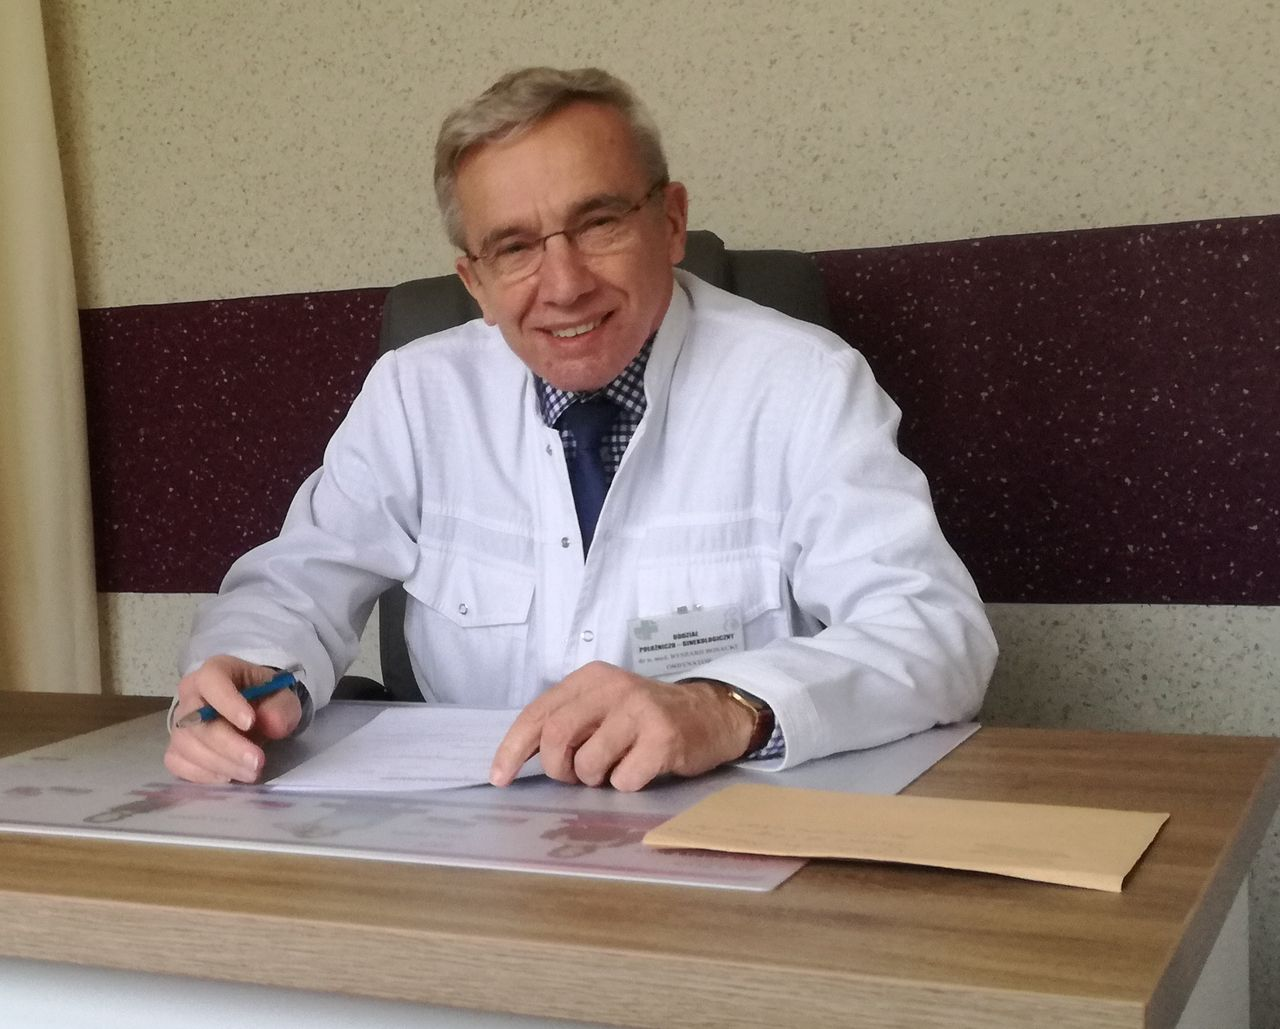 Zostałem zaszczepiony przeciwko COVID-19, czuję się dobrze – mówi dr Ryszard Bosacki  - Zdjęcie główne